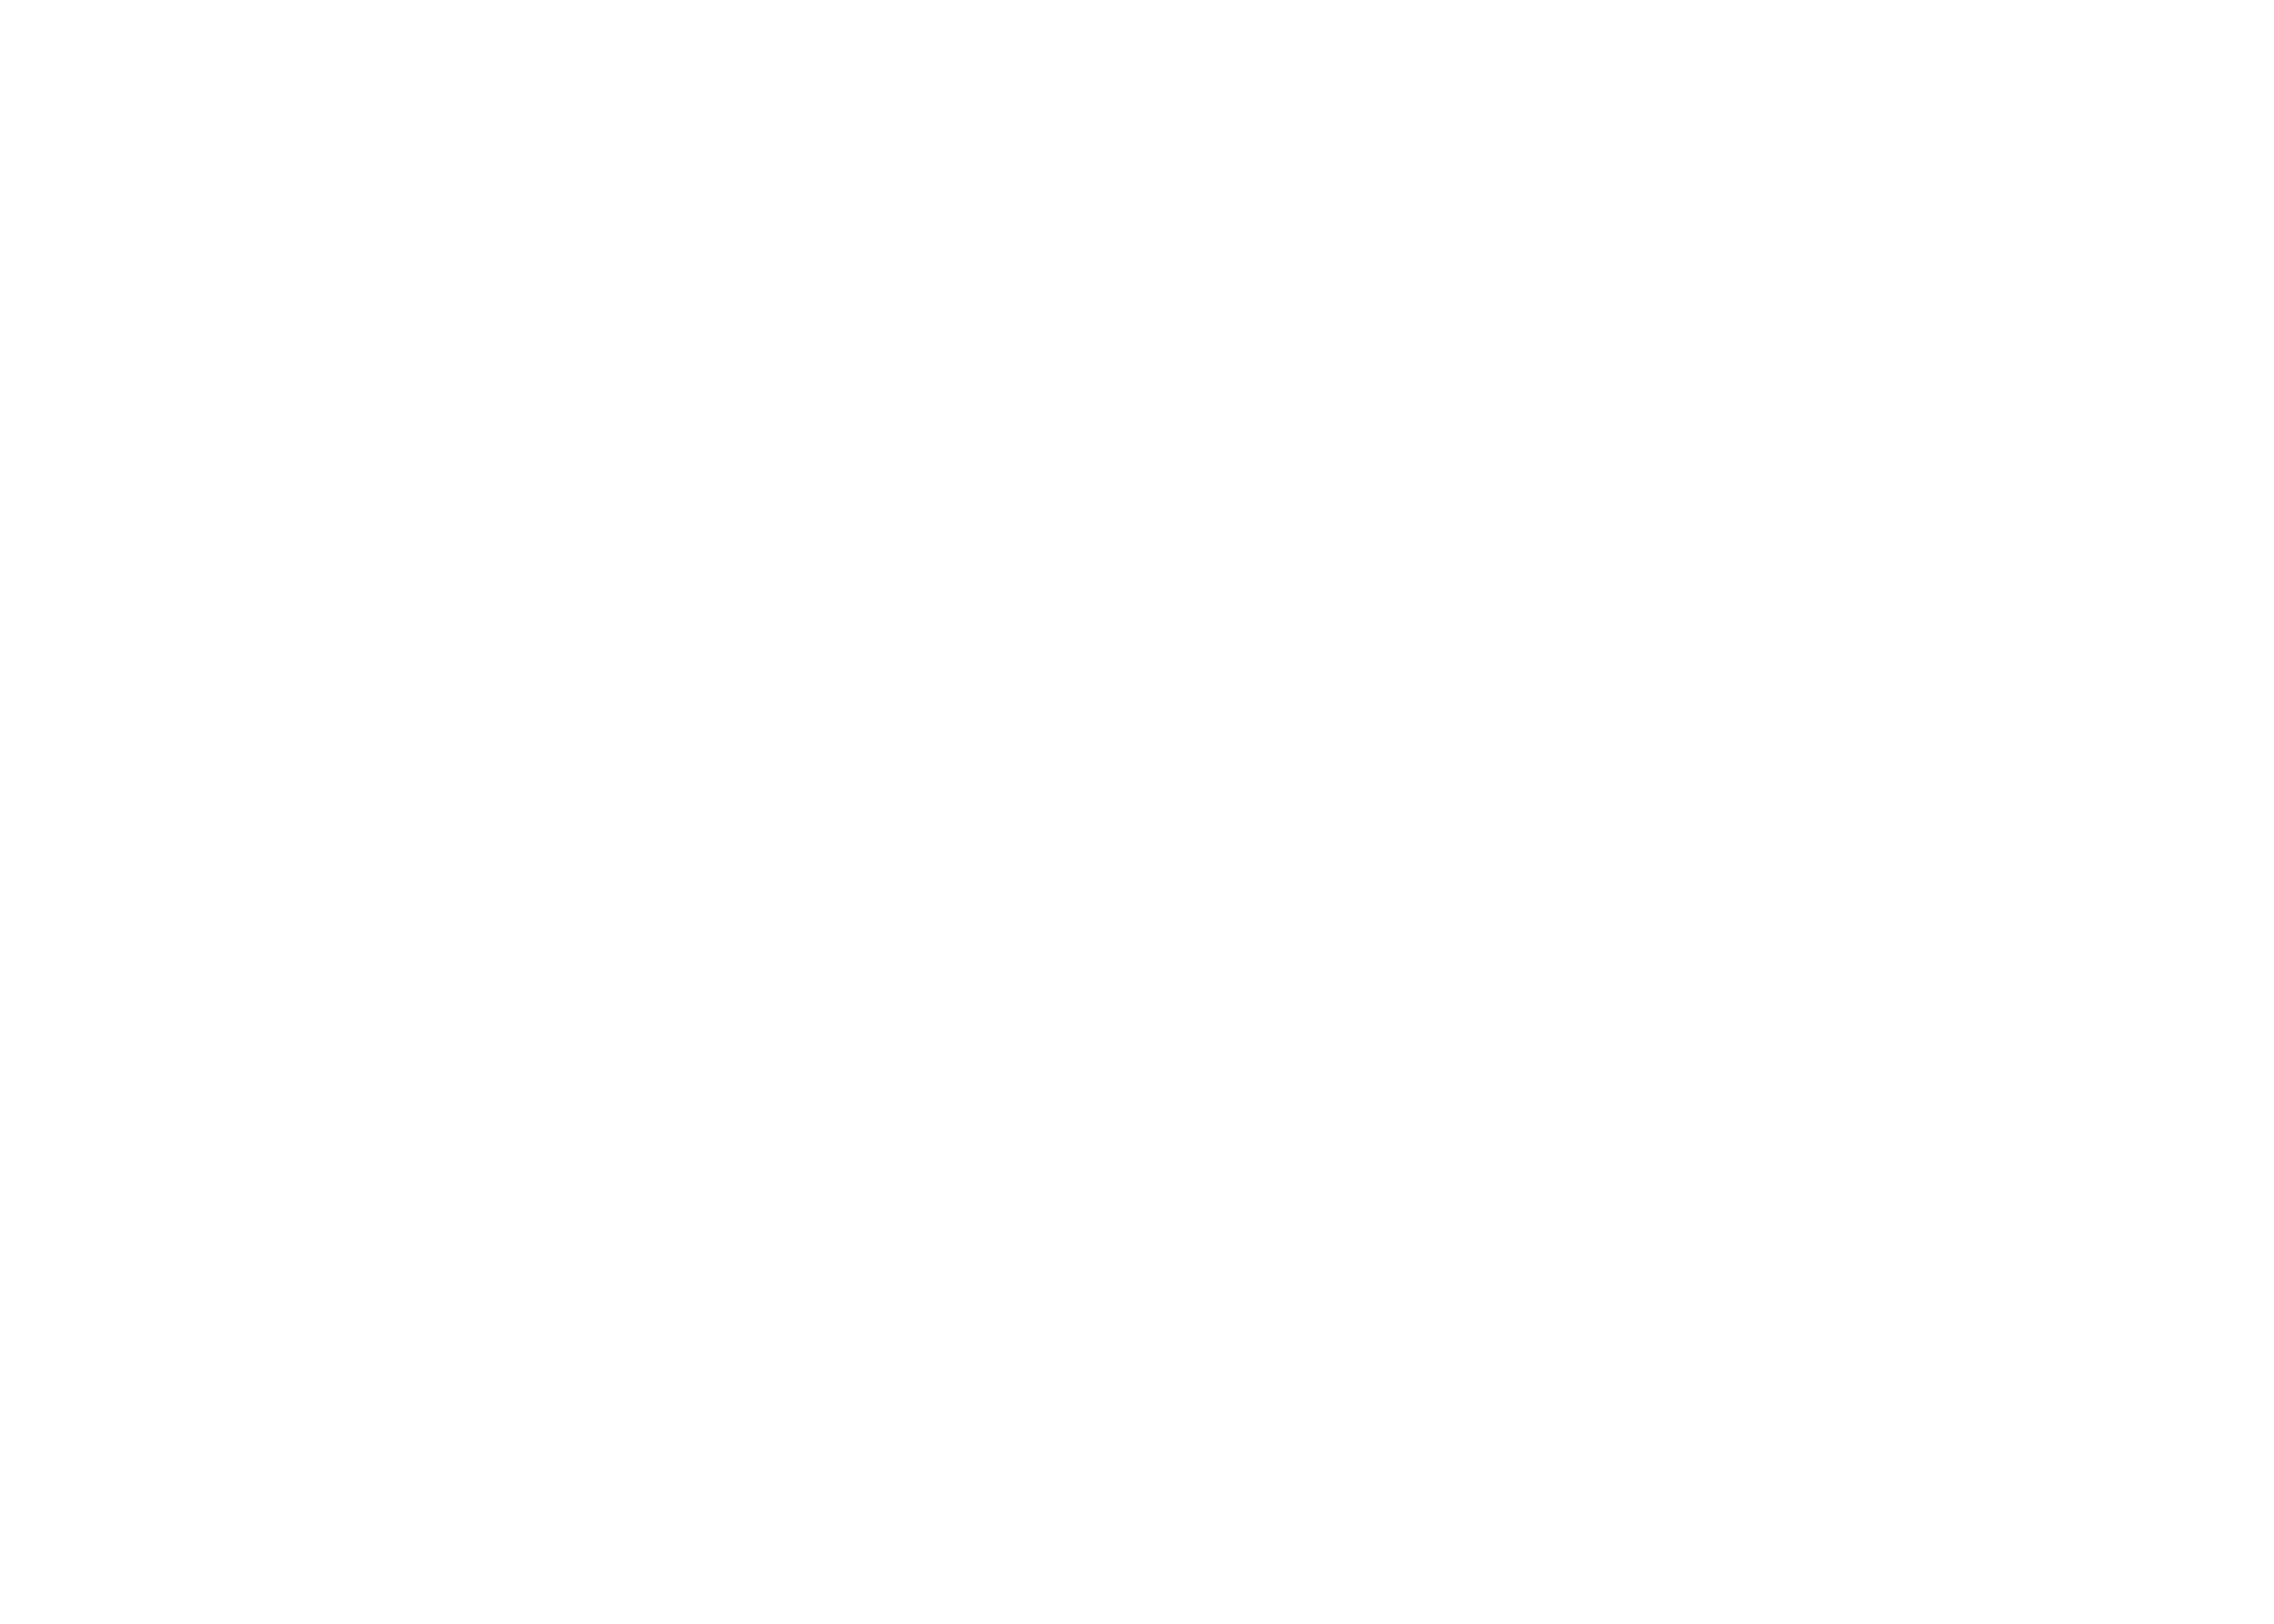 logo M4 ENGINEERING 2017 white-01.png